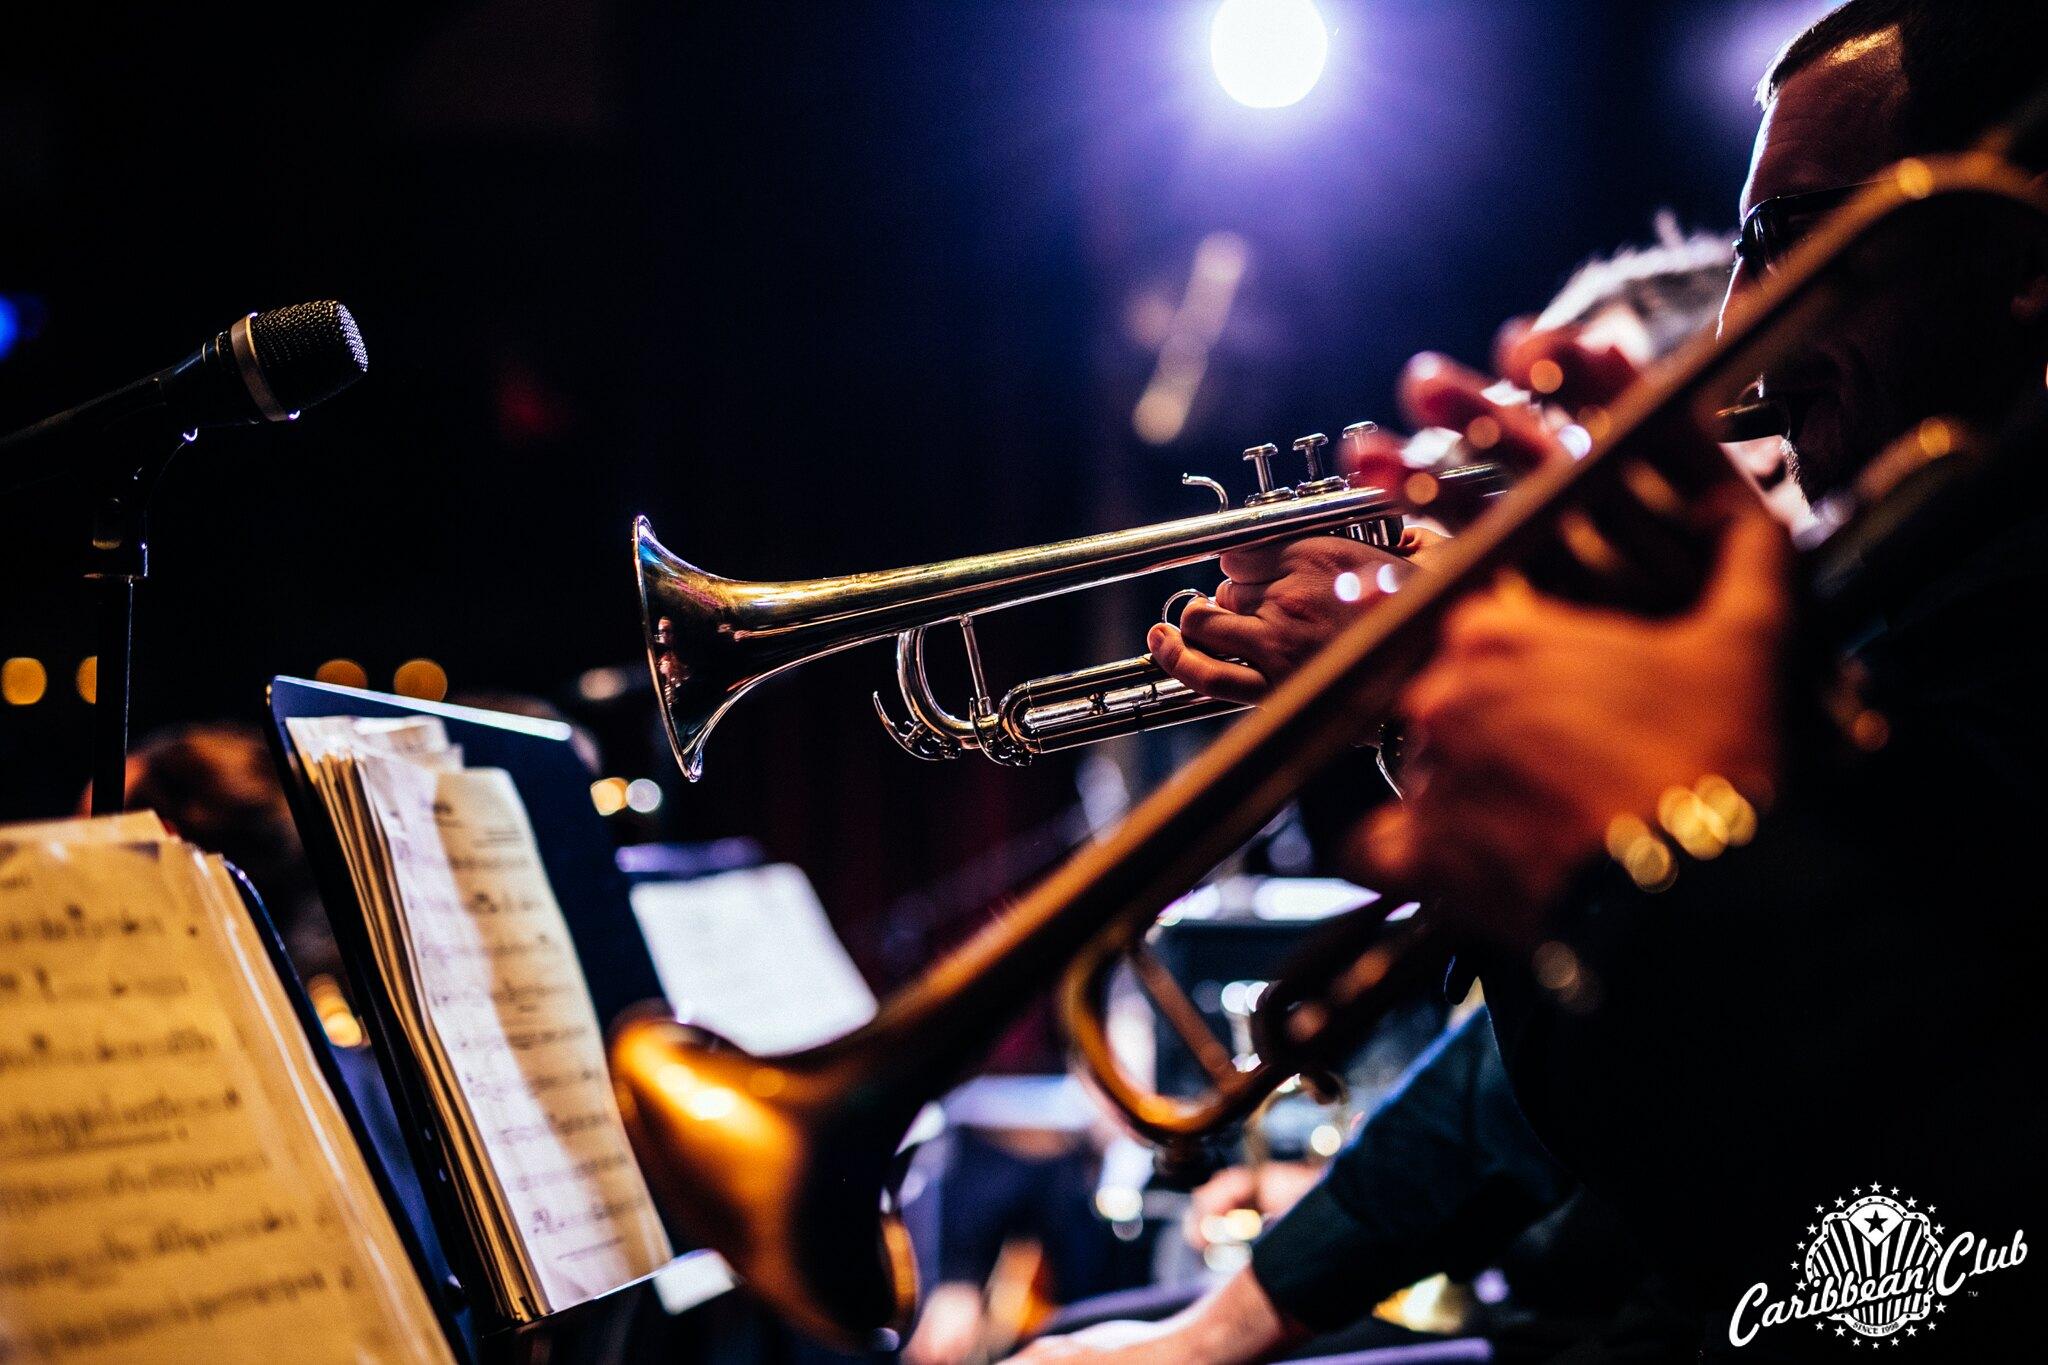 Caribbean Club Concert Hall приглашает на лучшие джазовые концерты мая